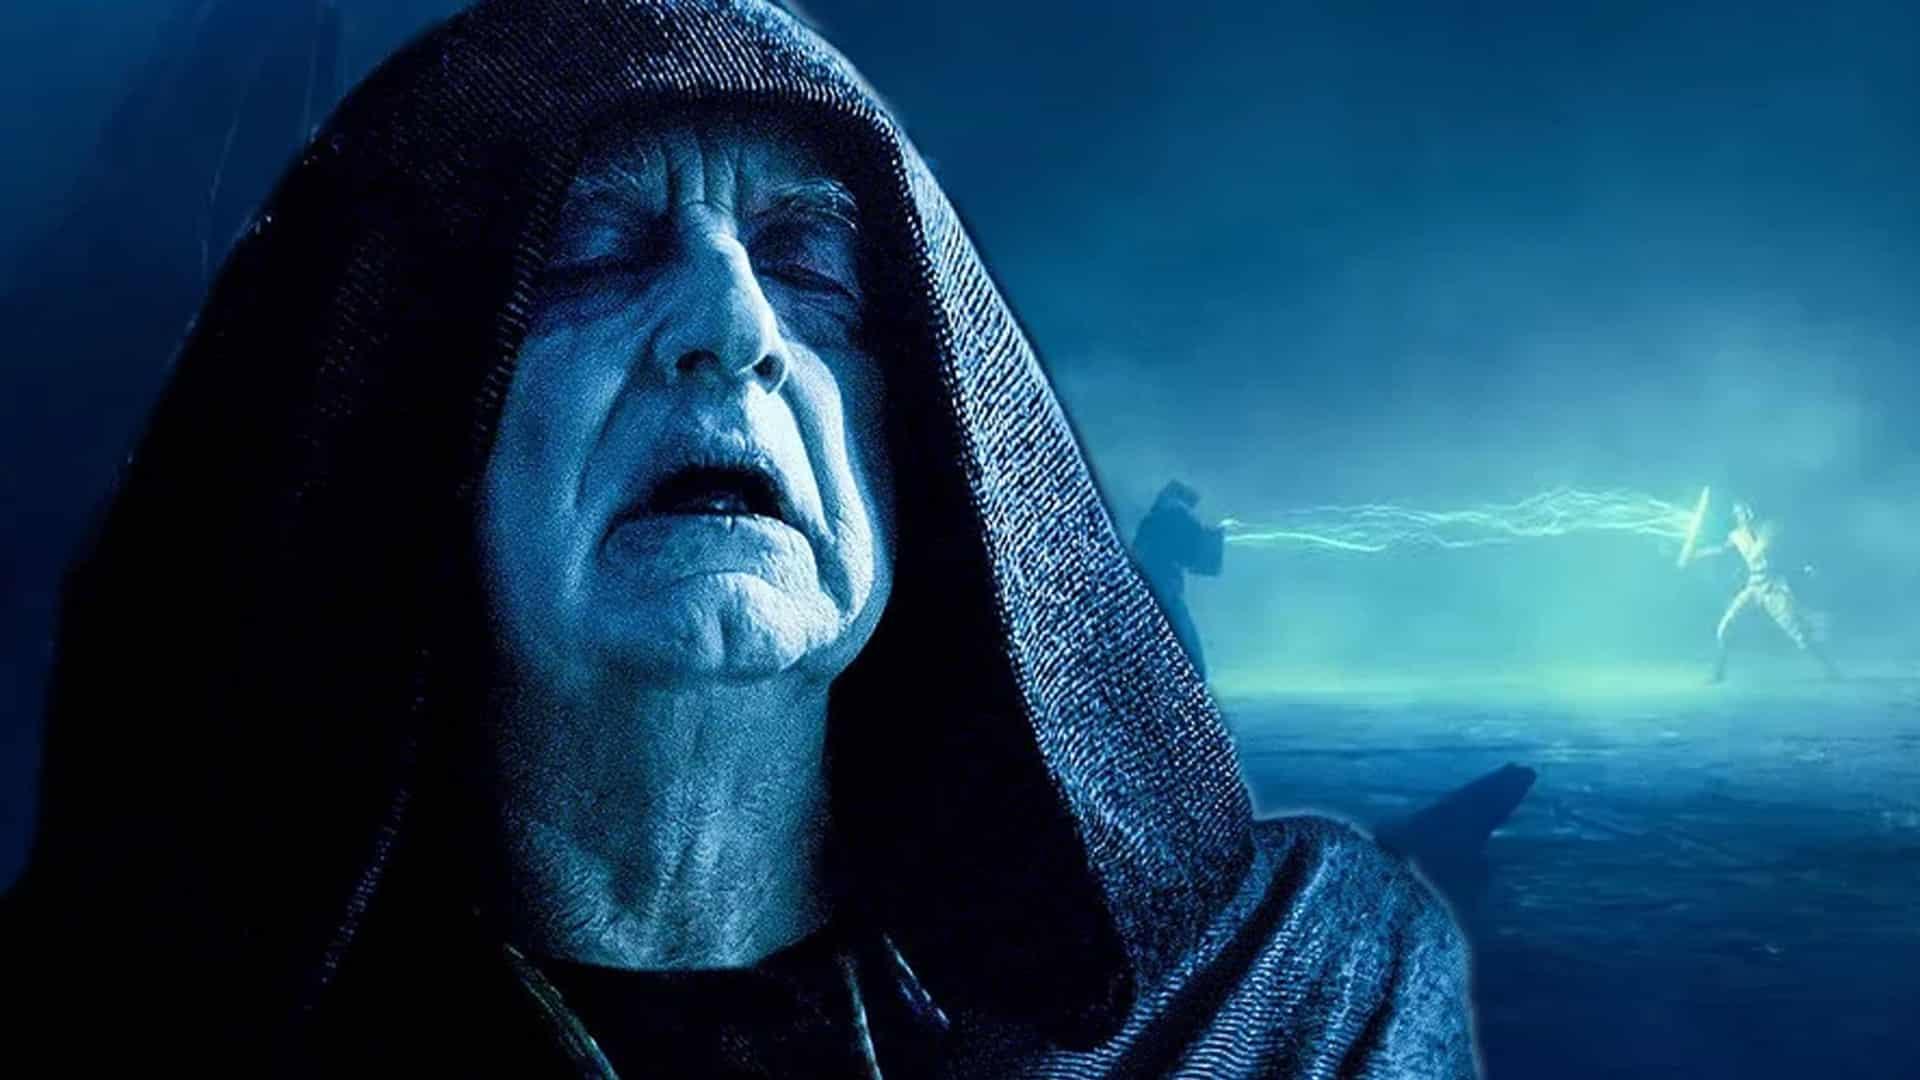 kto bol v skutočnosti Reyin otec